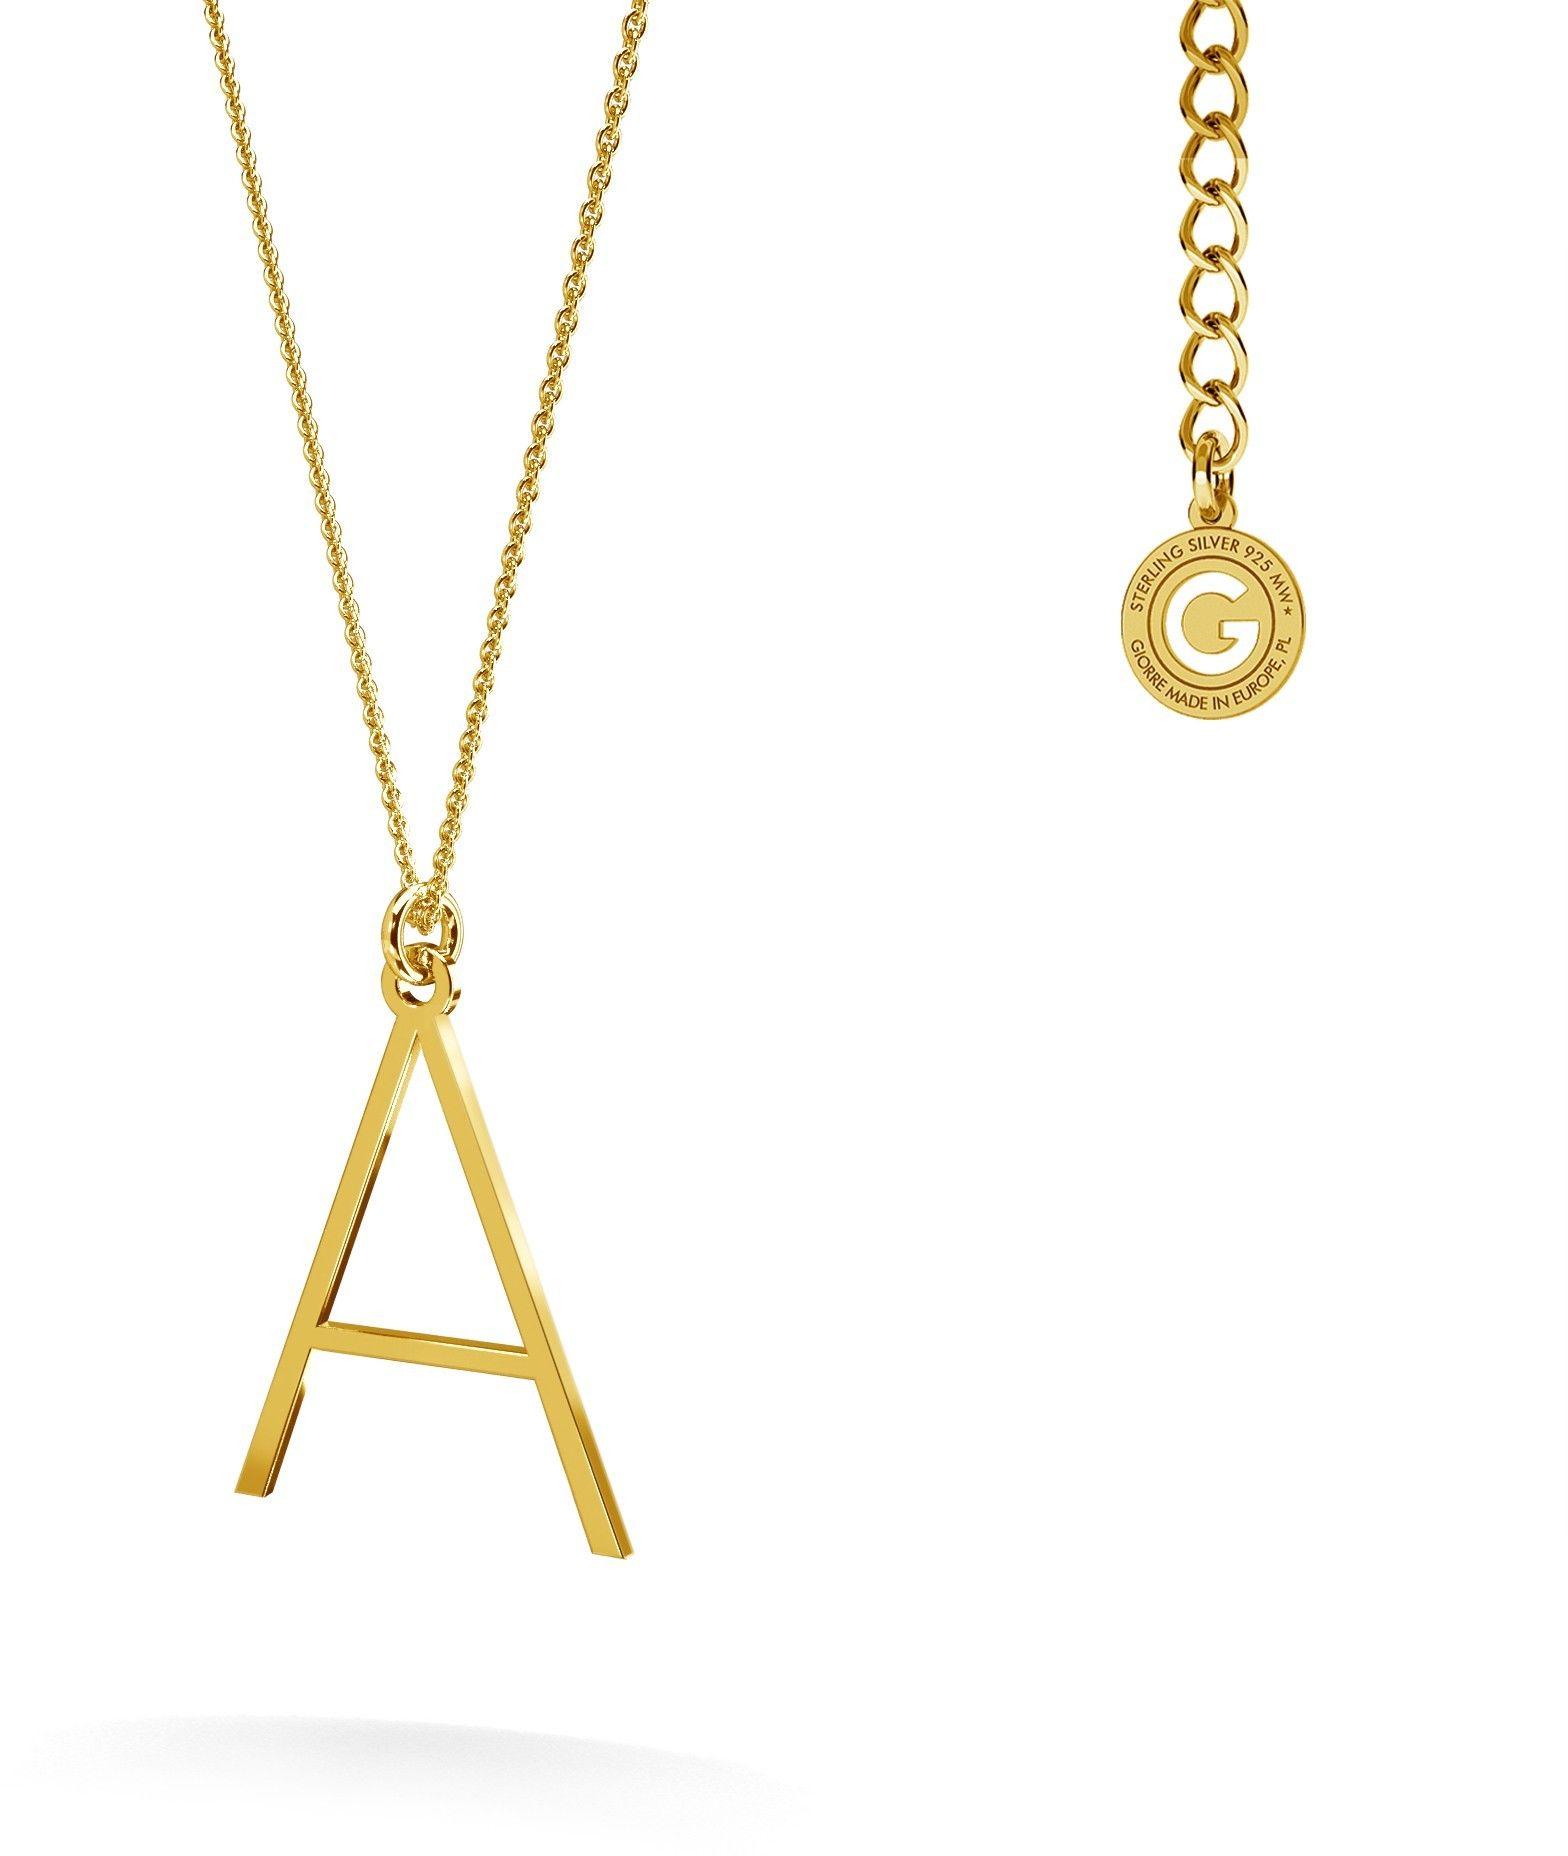 Srebrny naszyjnik z literką, alfabet, srebro 925 : Litera - Z, Srebro - kolor pokrycia - Pokrycie żółtym 18K złotem